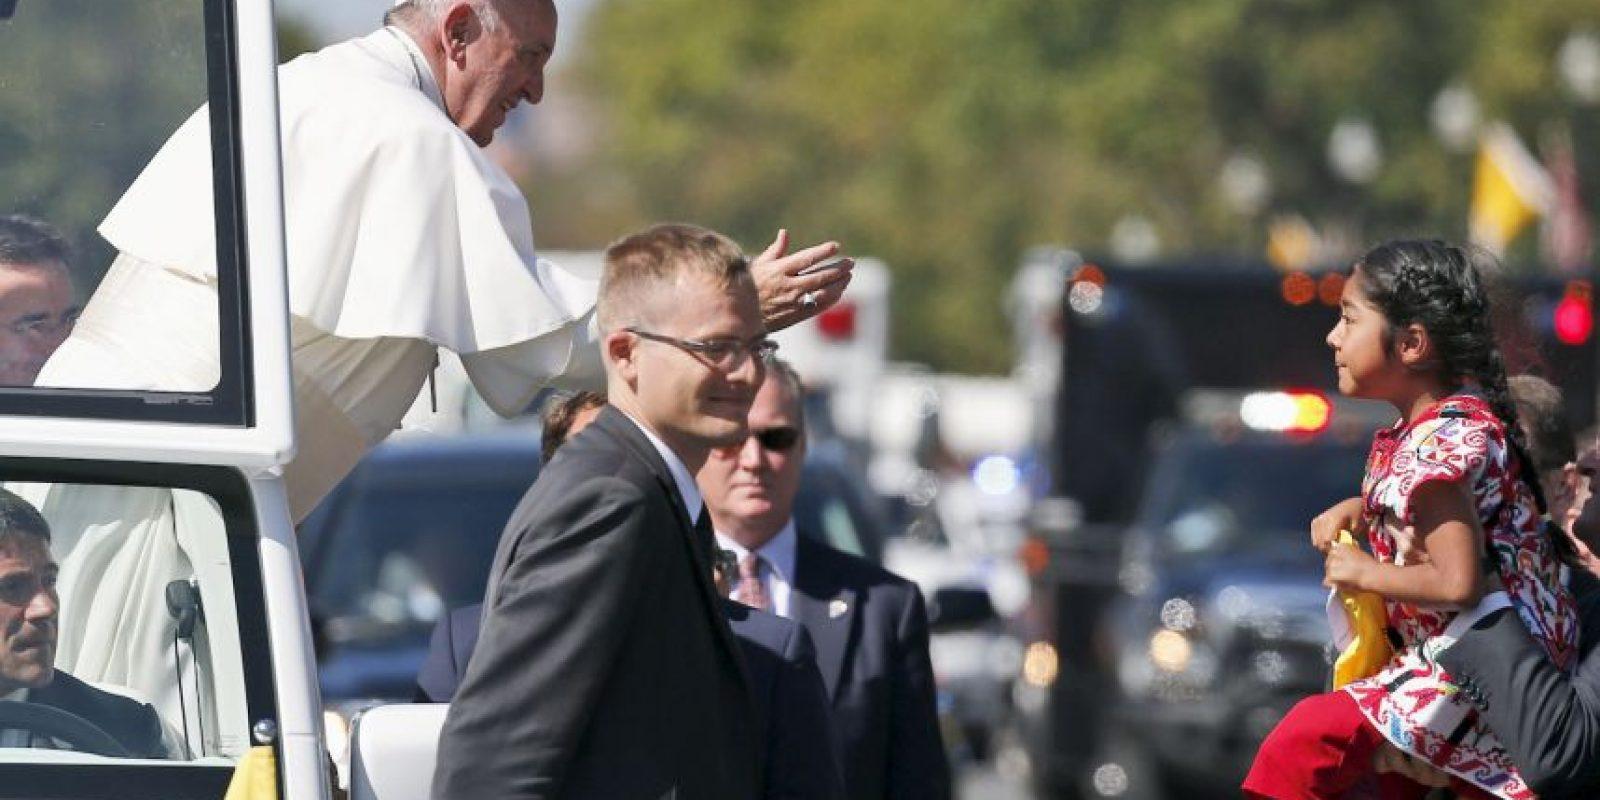 Cruz logró cruzar la vaya de seguridad solo para entregarle una carta al Papa. Foto:AP